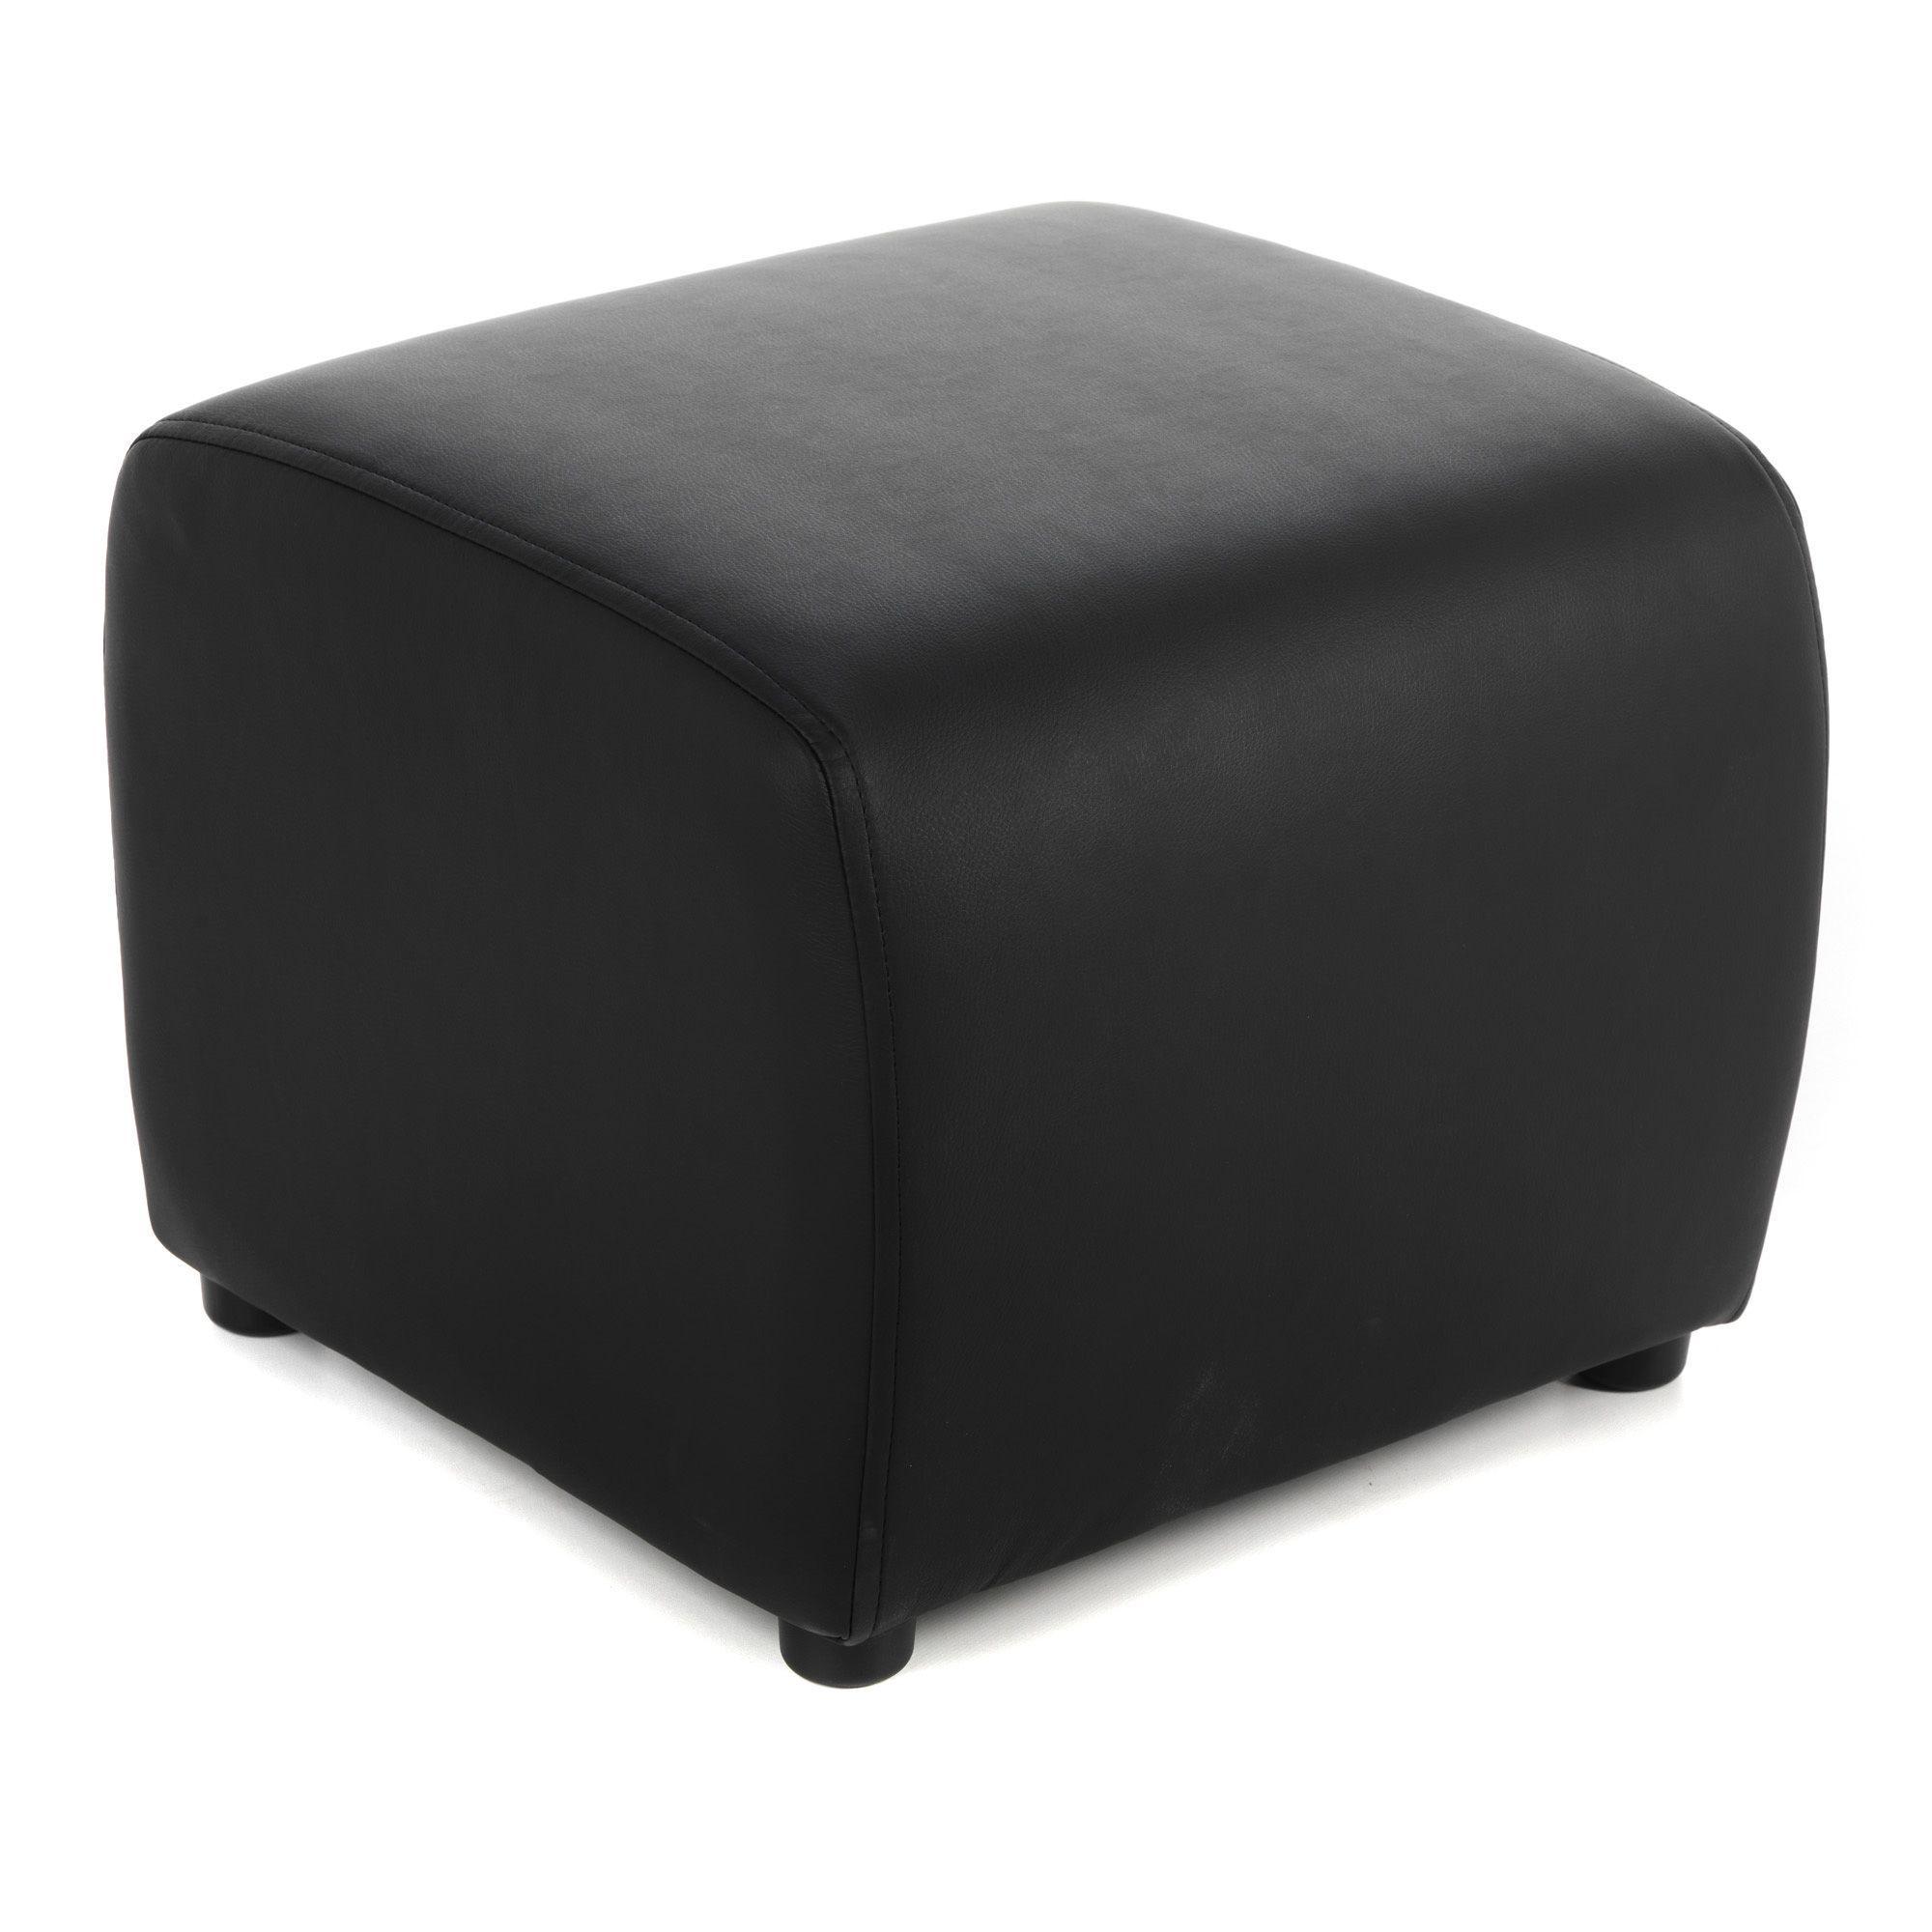 pouf repose pieds n o cab poufs fauteuils et poufs salon et salle manger par pi ce. Black Bedroom Furniture Sets. Home Design Ideas